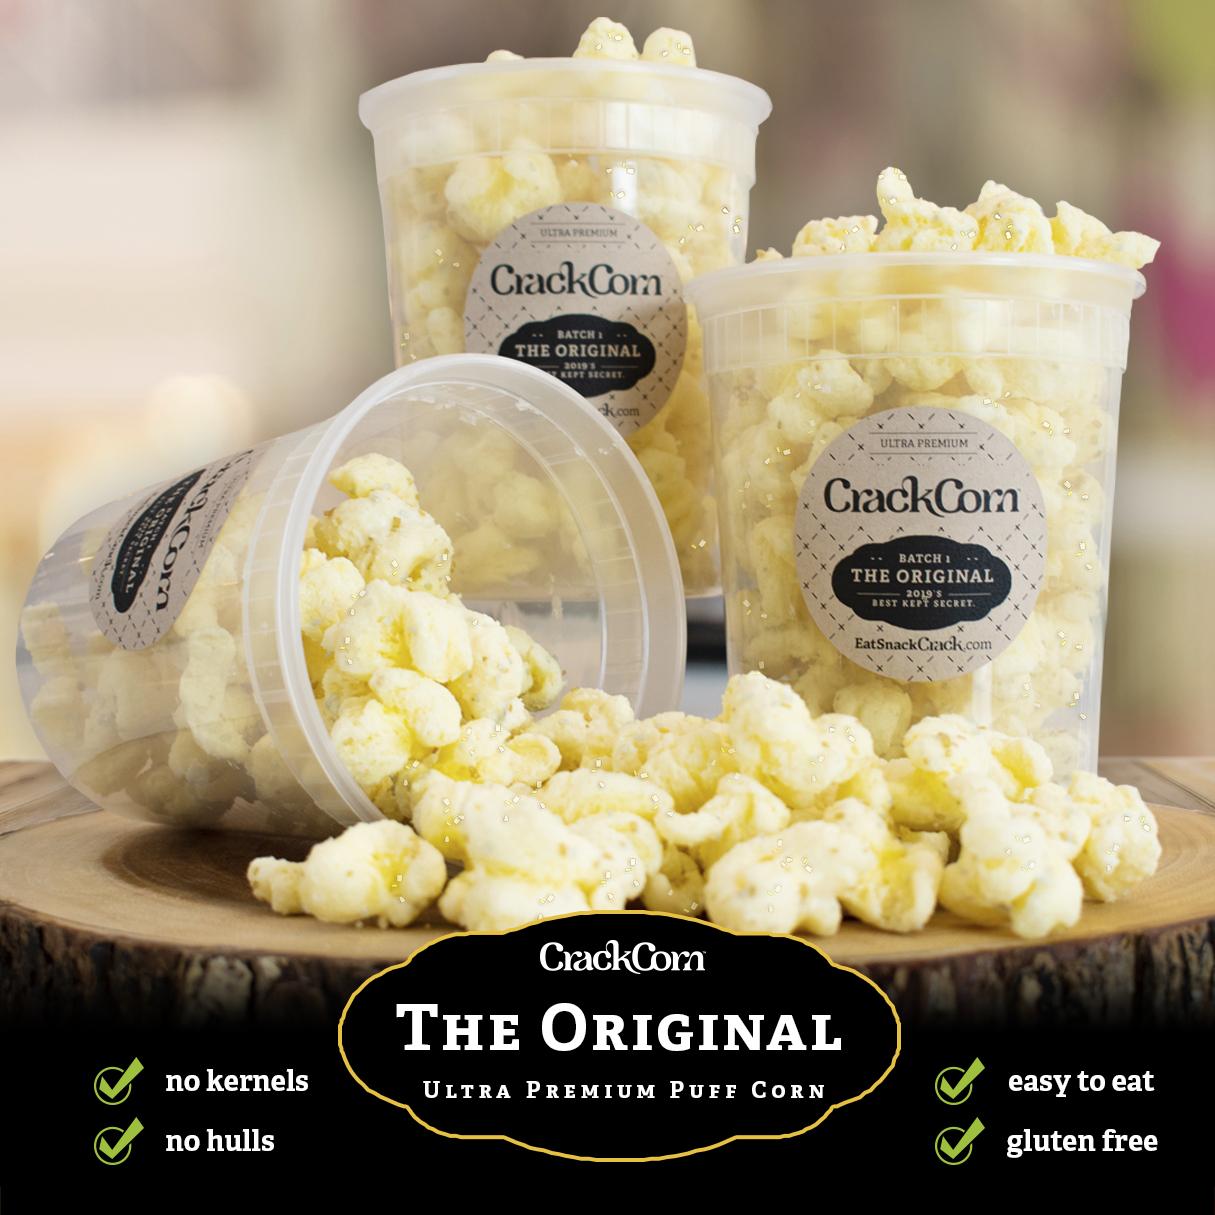 The Original - Ultra-Premium Puff Corn